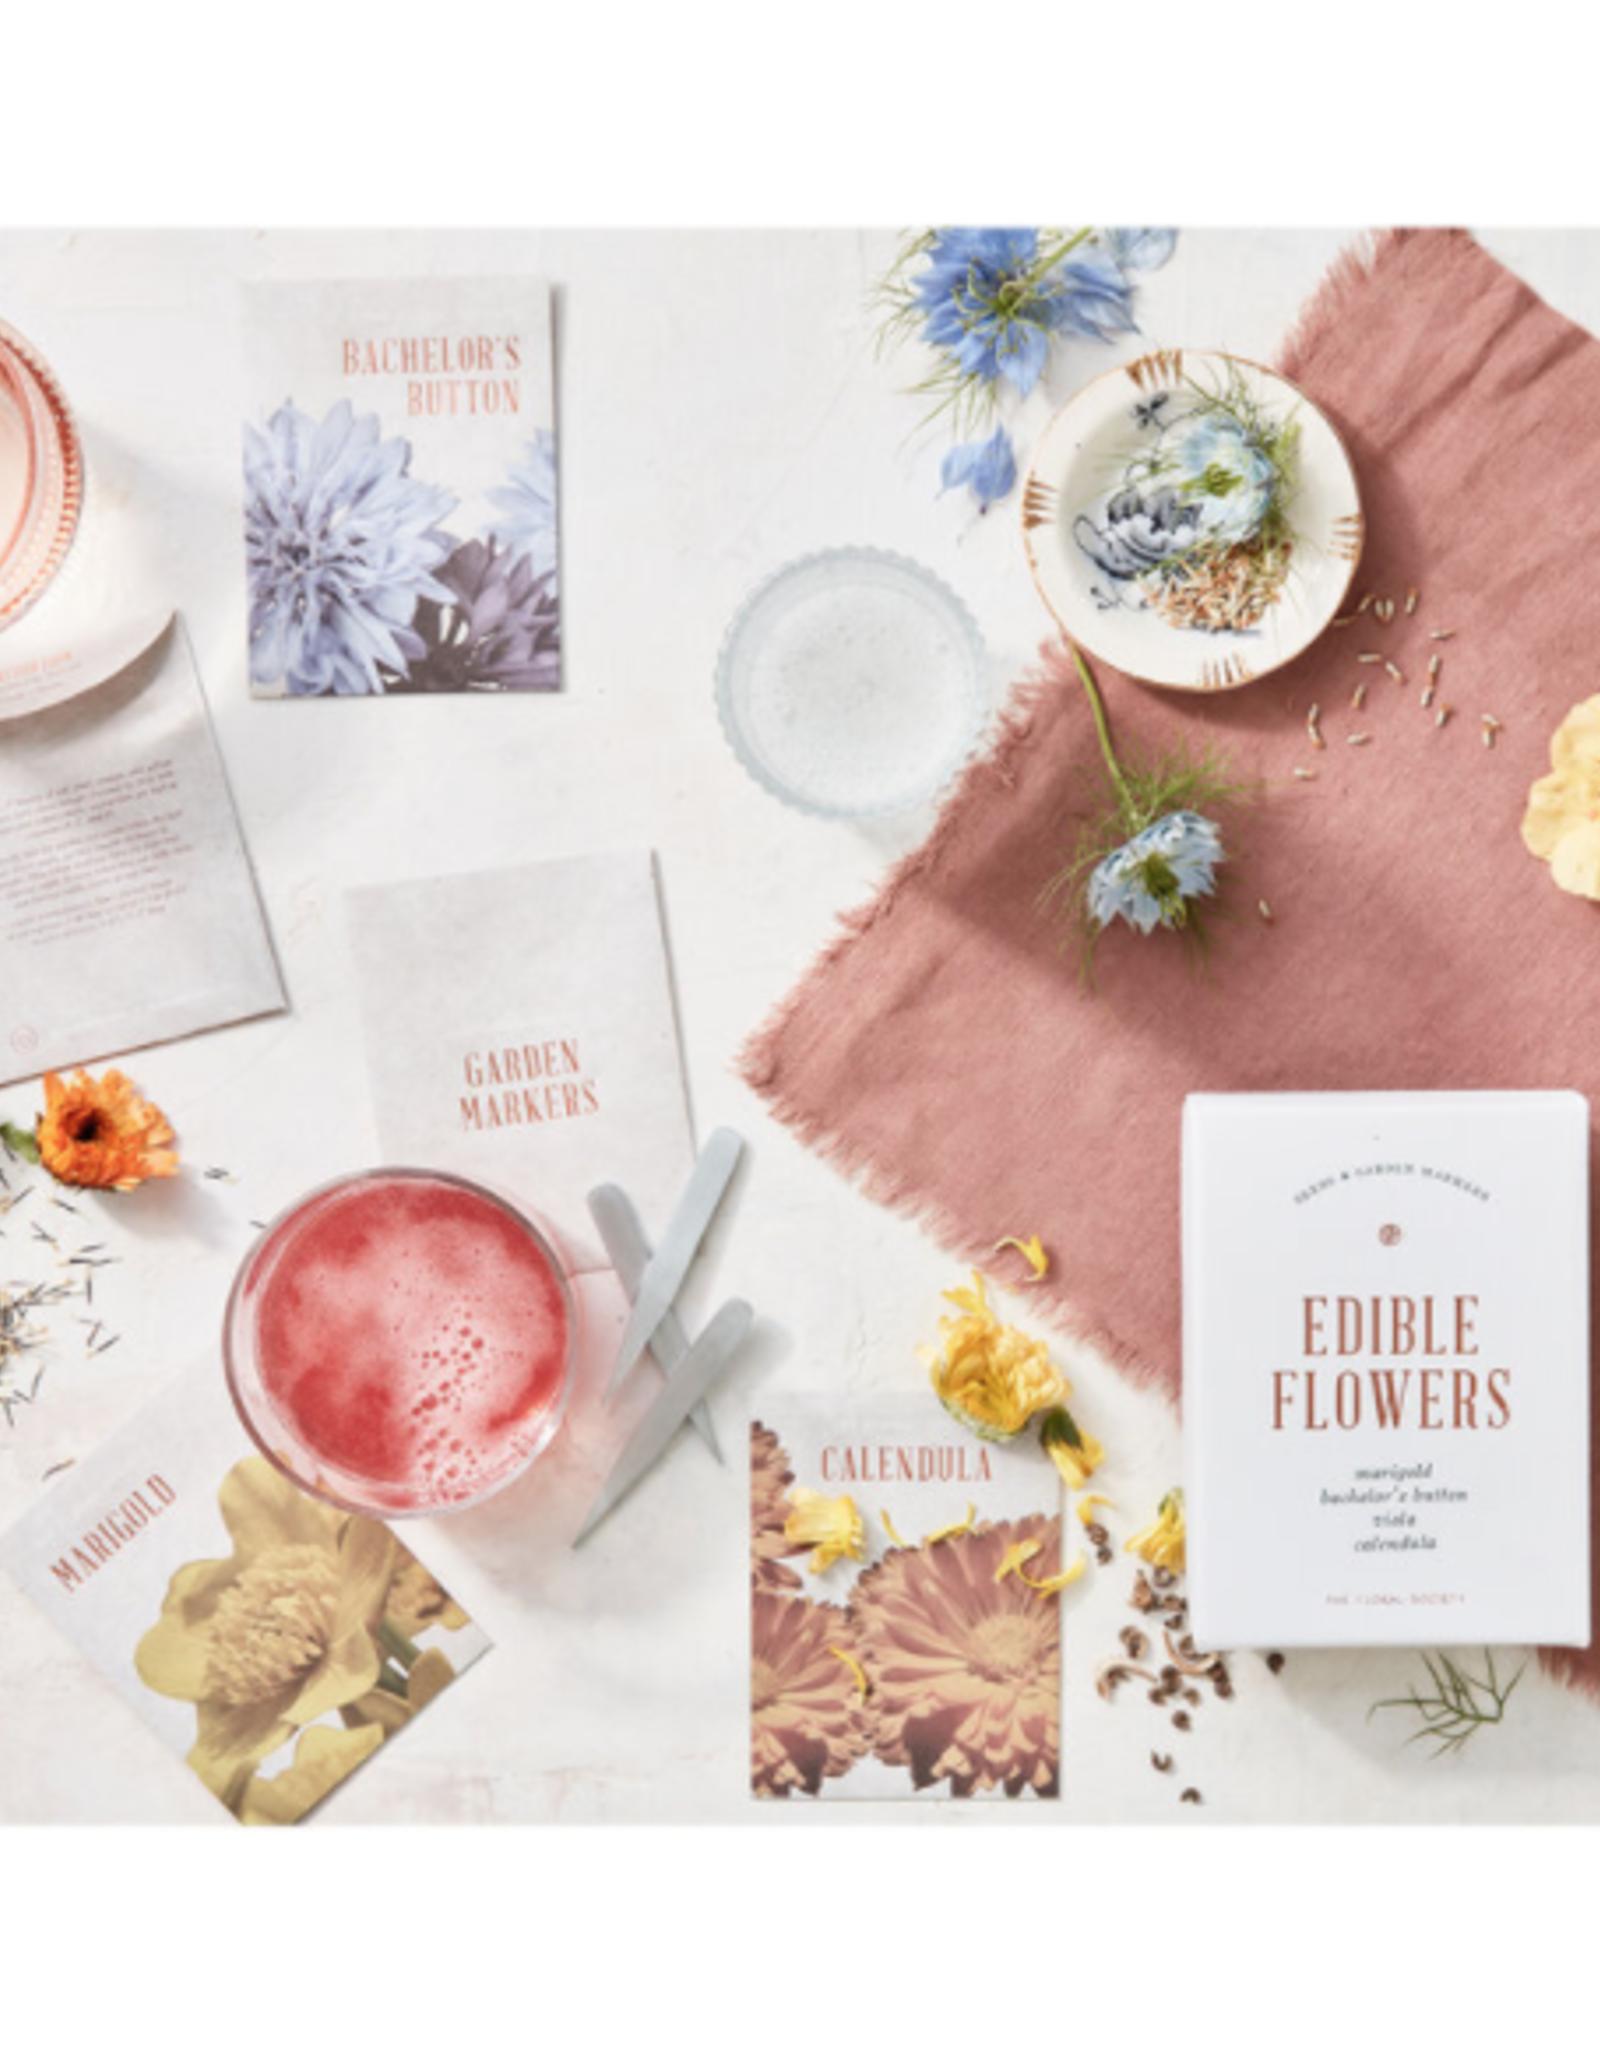 Edible Flower Seed Kit